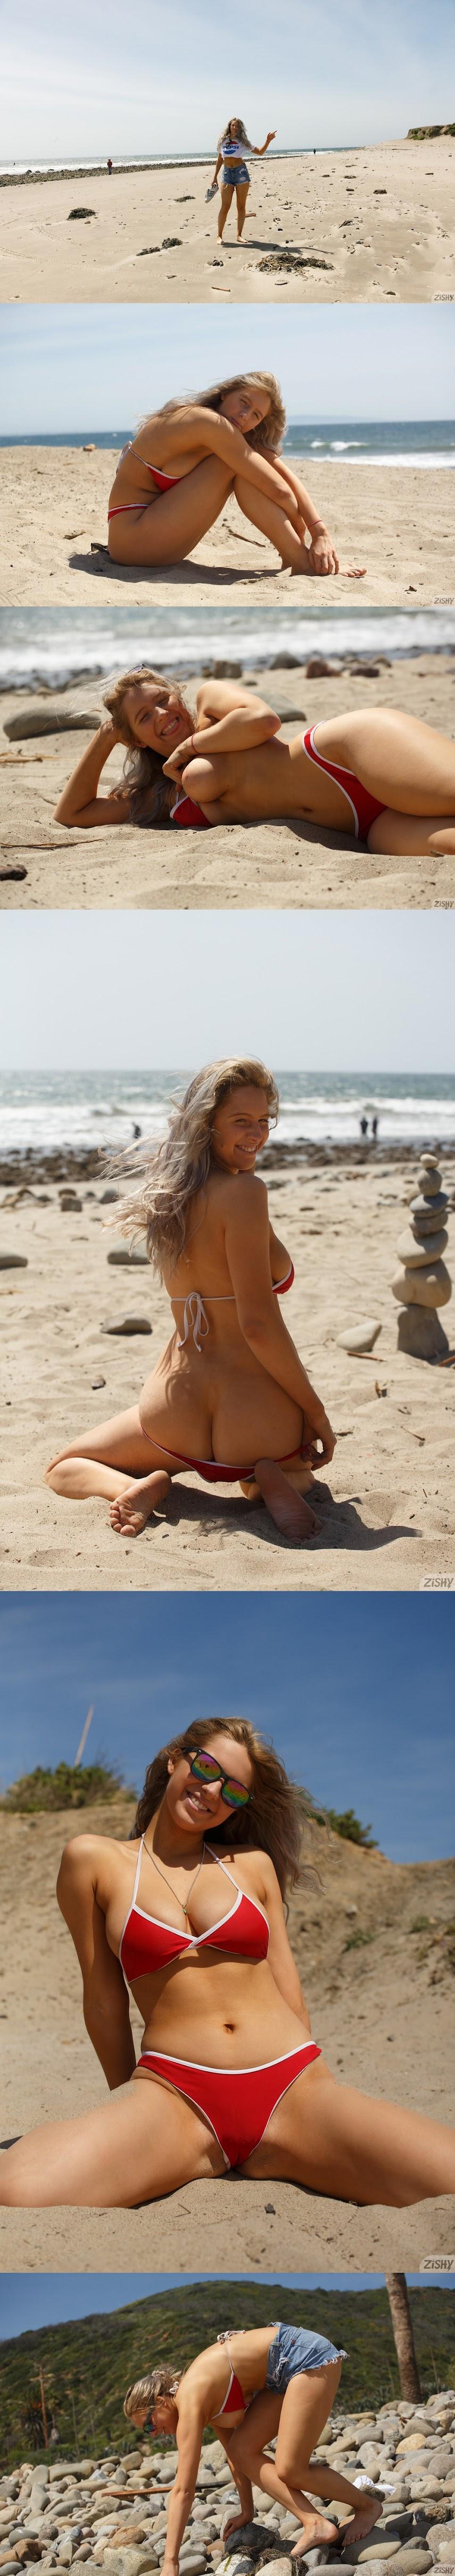 1-[Zishy] Maddie Crump - Stoney Beach